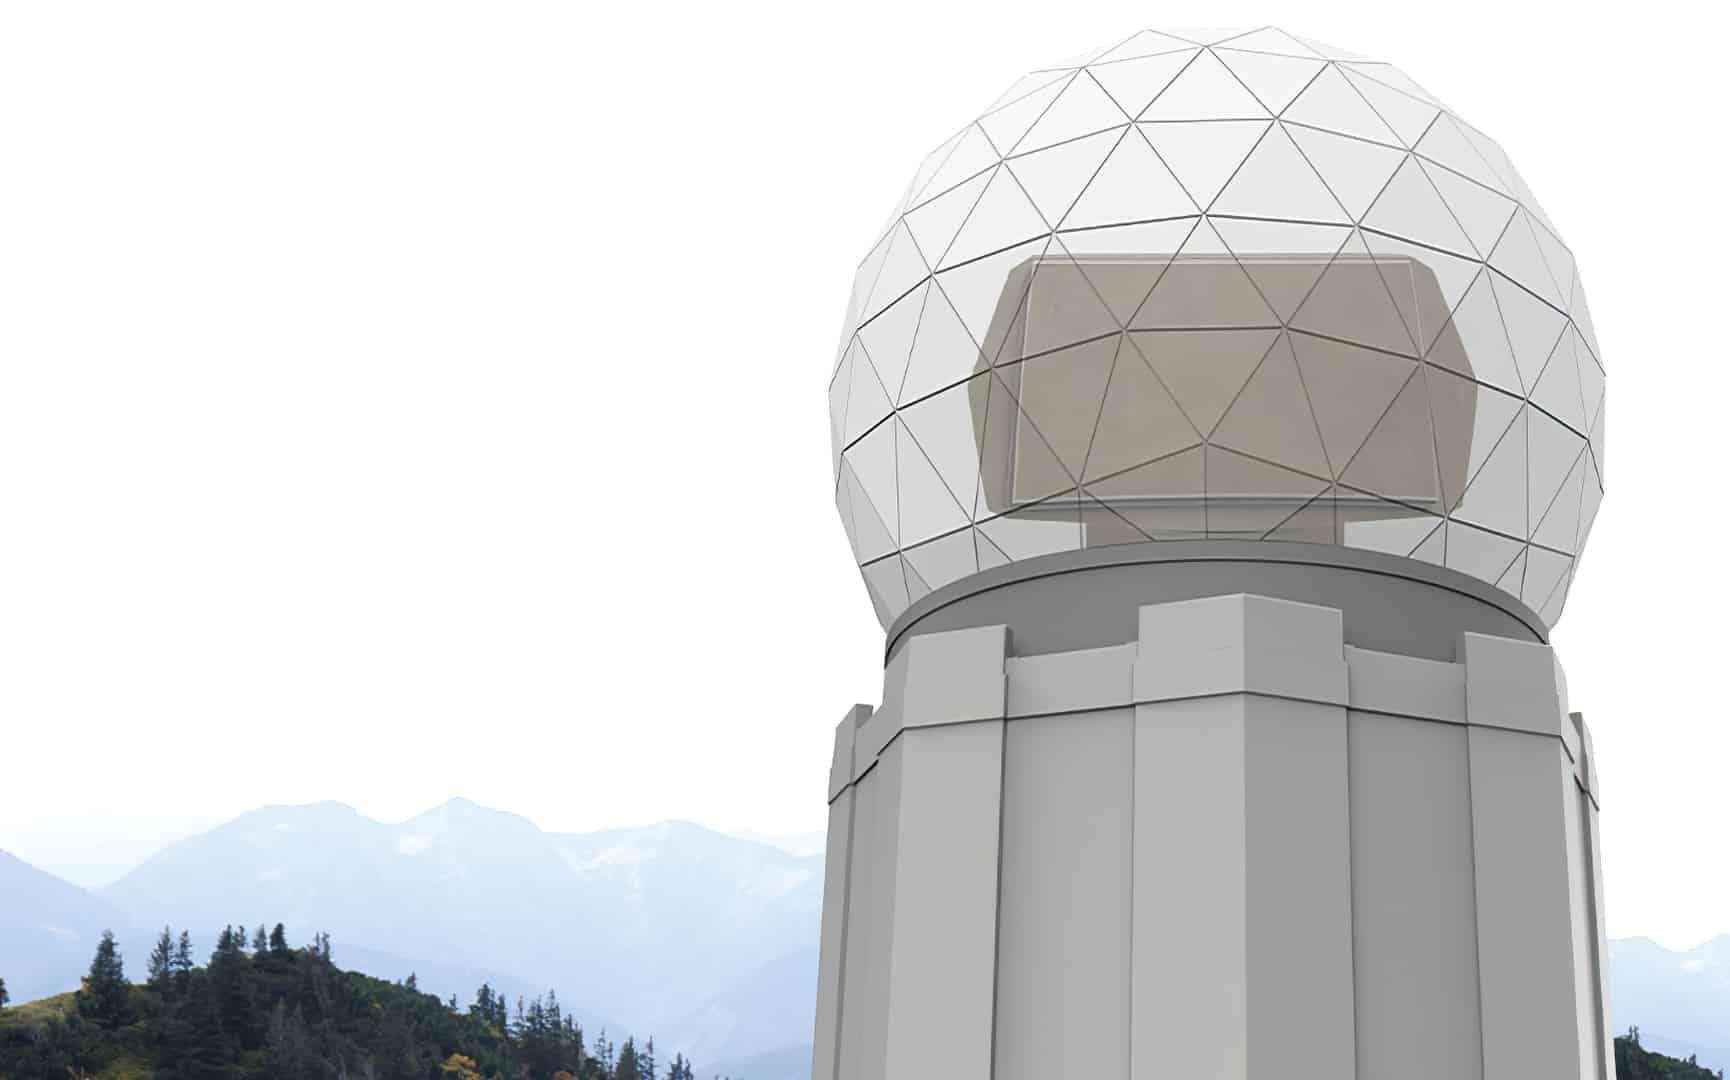 Ілюстрація наземного радара